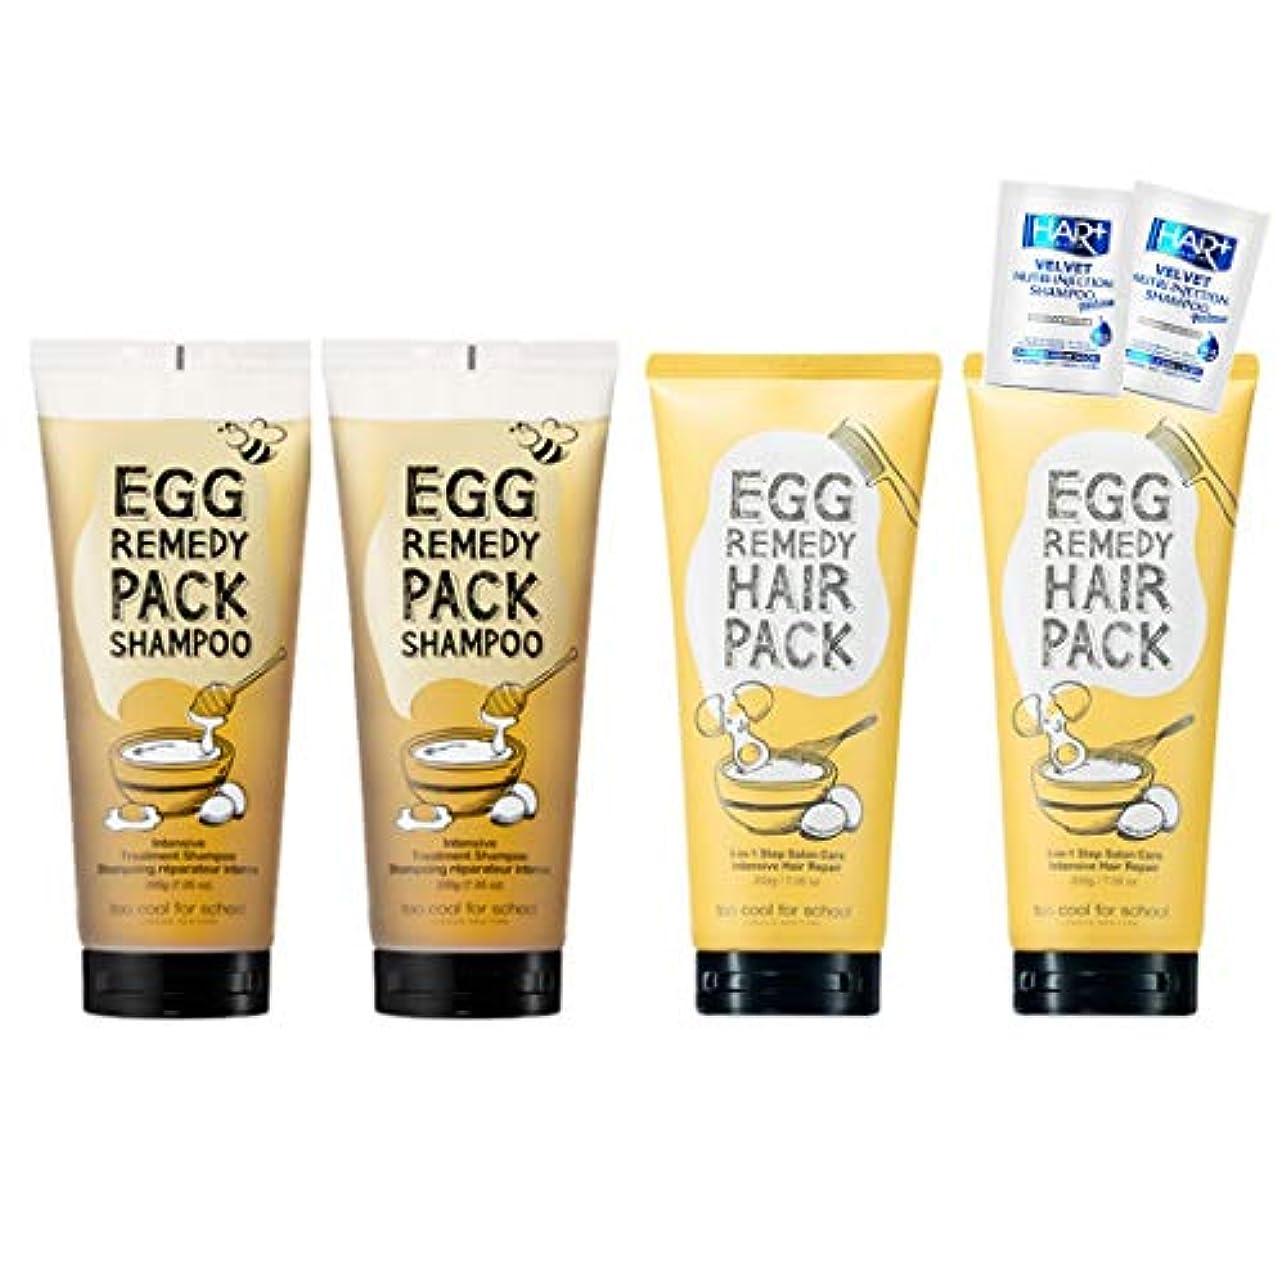 ワゴン息子ジェスチャートゥークールフォ―スクール(too cool for school)/エッグレミディパックシャンプーtoo cool for school Egg Remedy Pack Shampoo 200ml X 2EA + エッグレミディヘアパック...